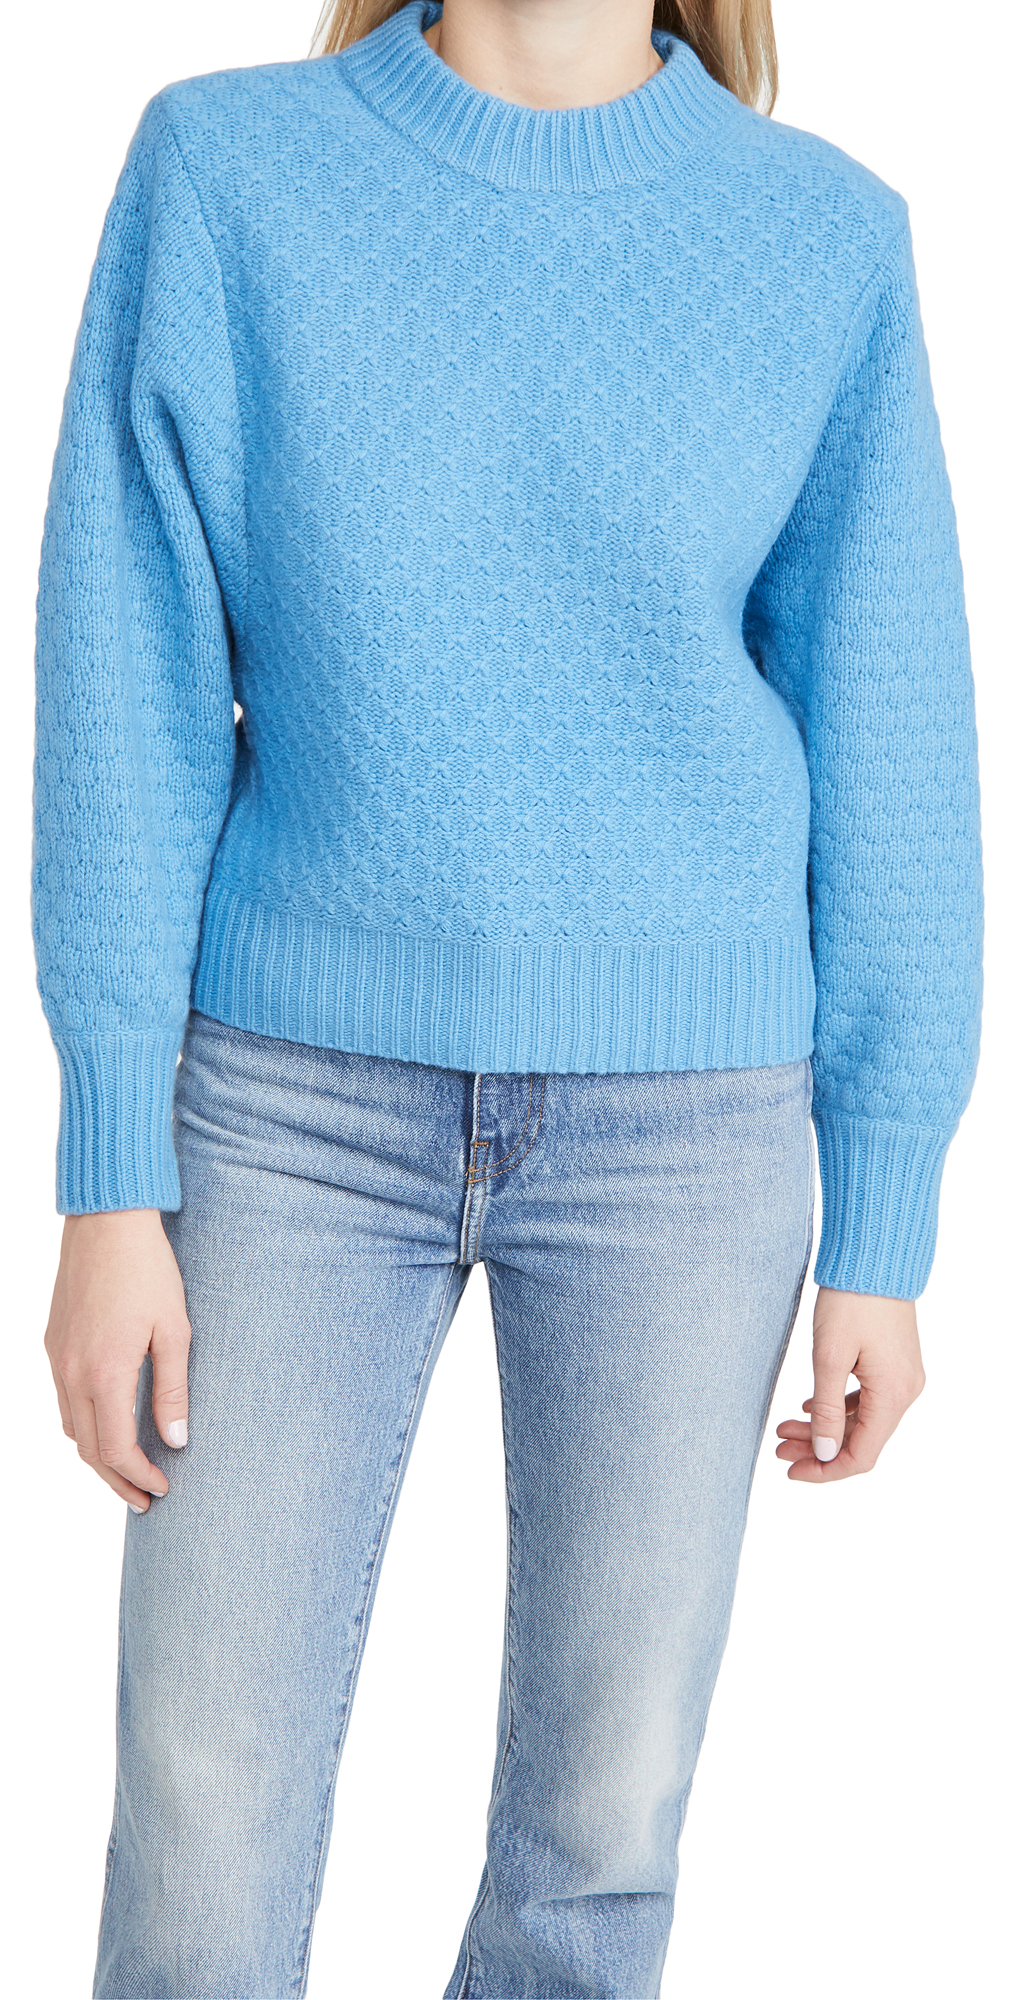 Current/Elliott The Juniper Sweater